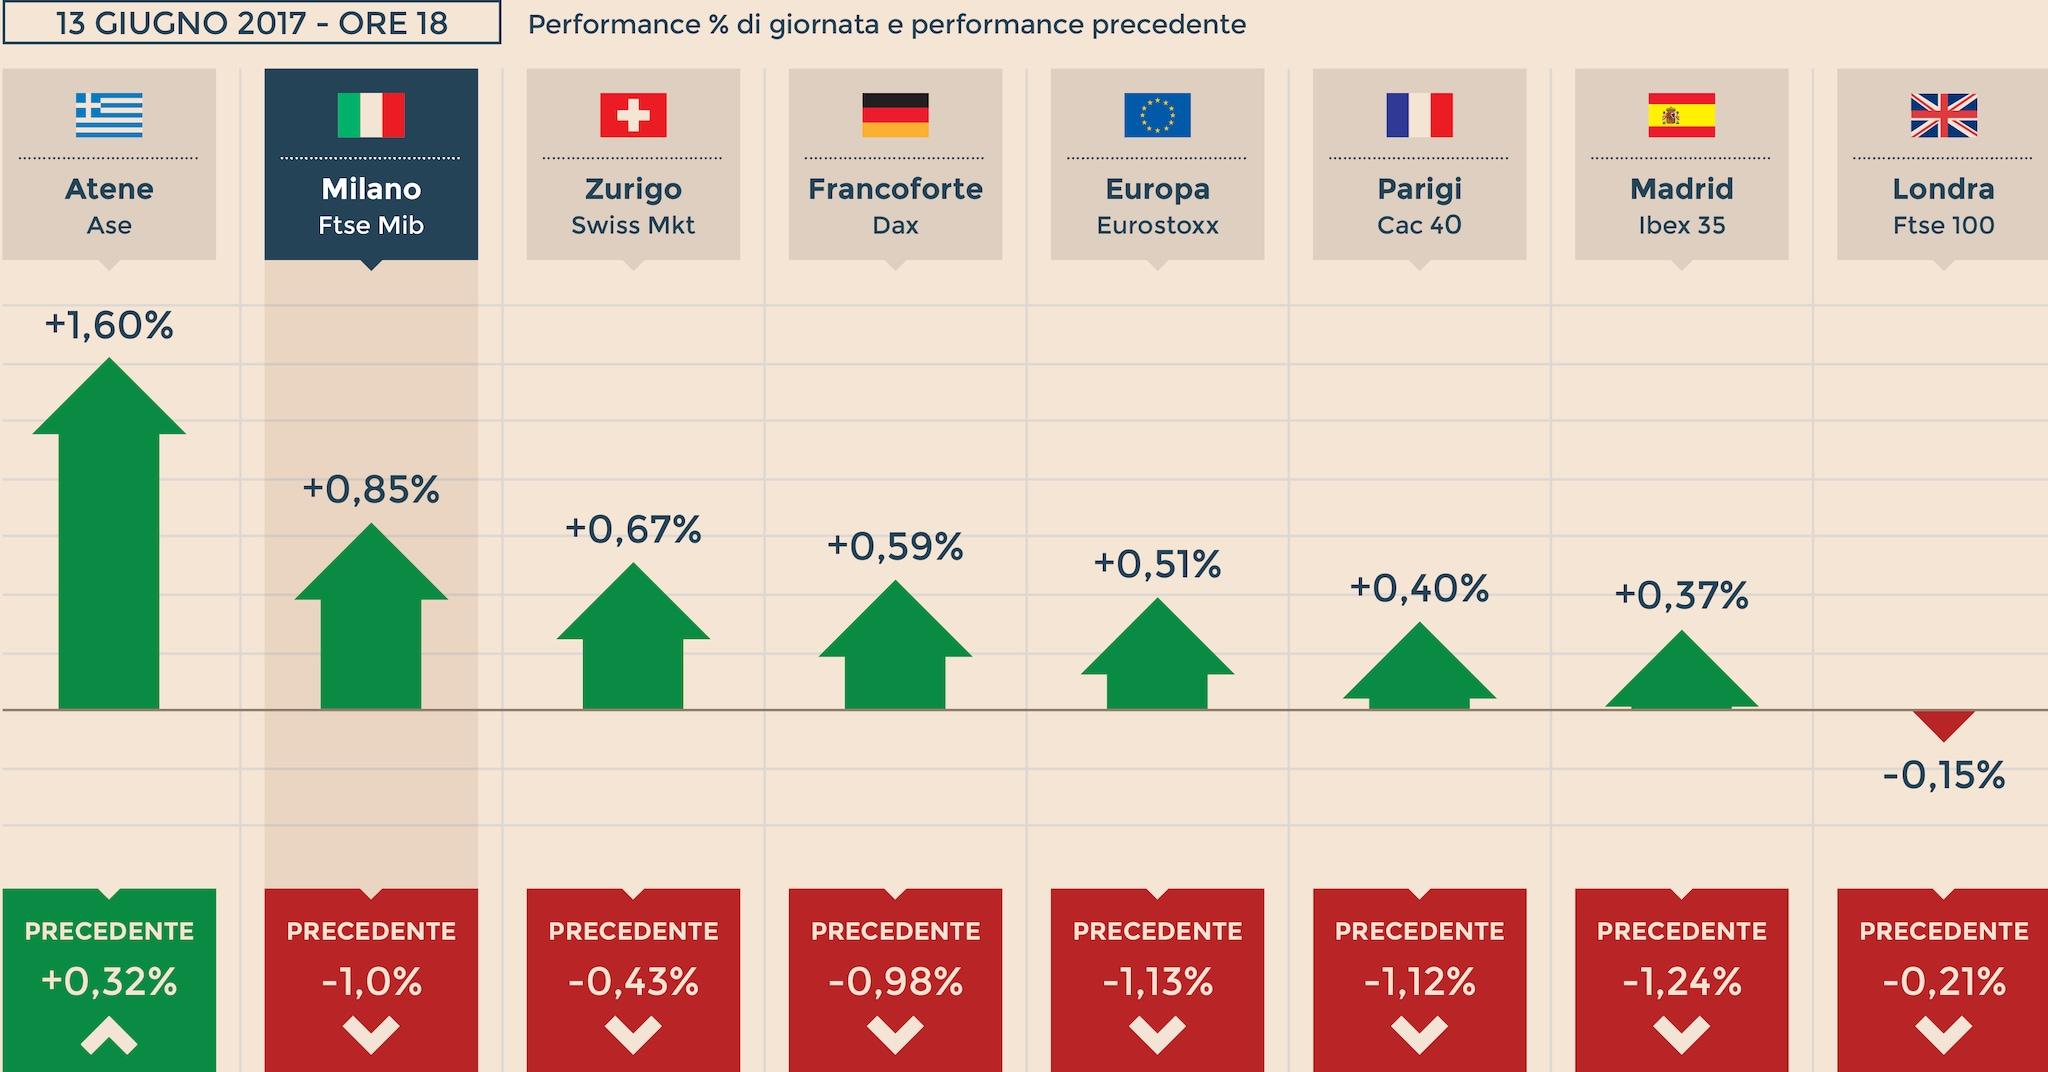 c2b99af520 Borse, Europa si riprende da shock tecnologico. Spread verso i 170 ...